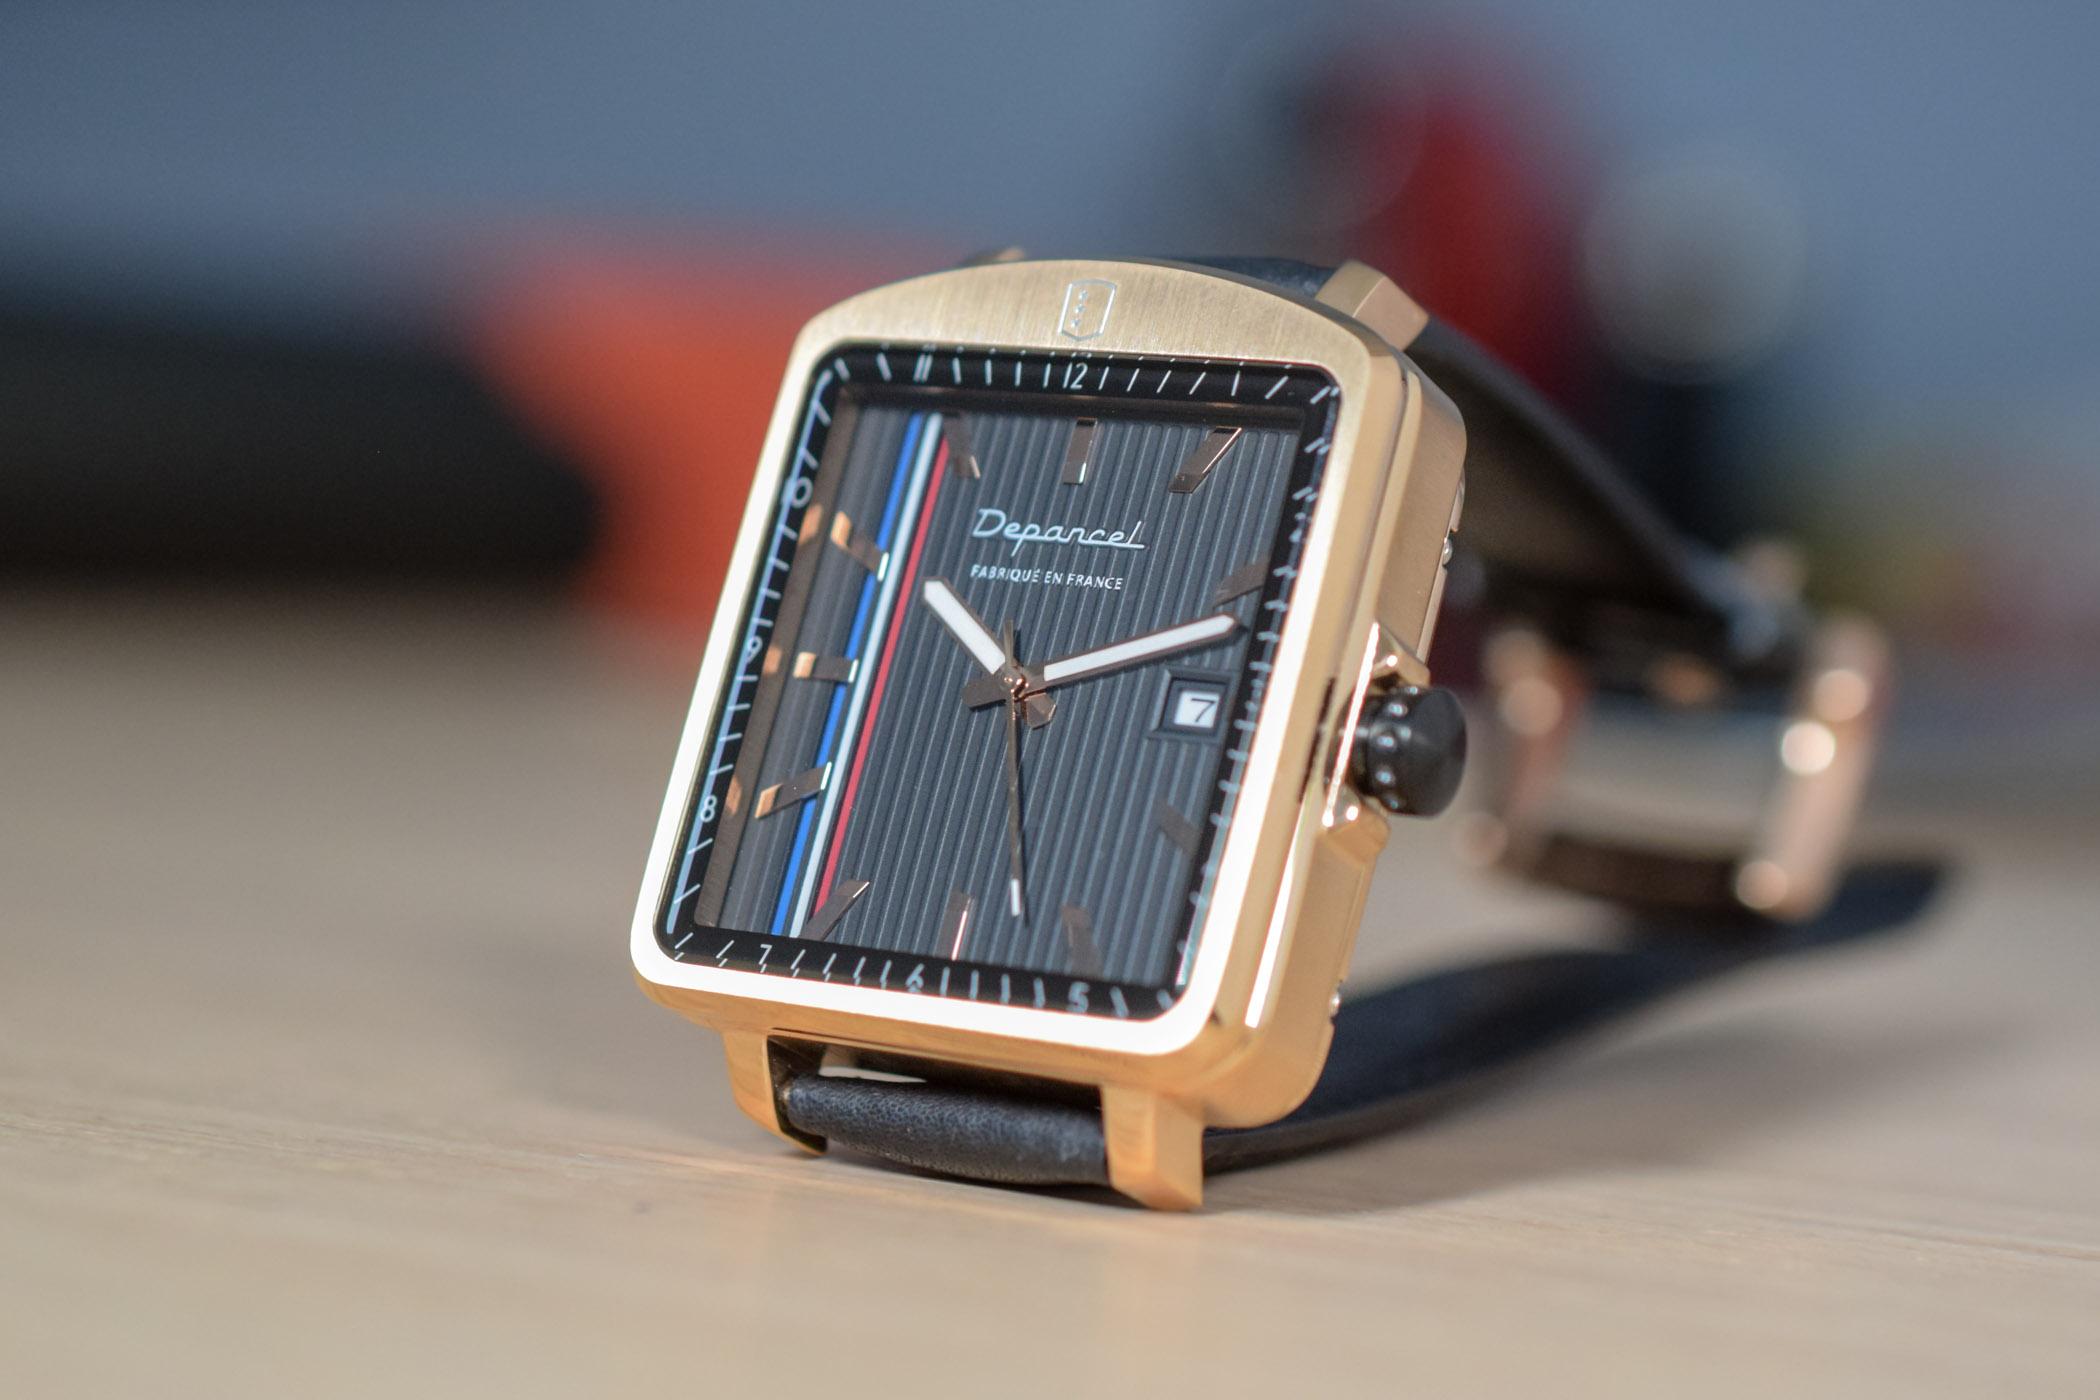 Depancel Renaissence - Kickstarter watch - 2